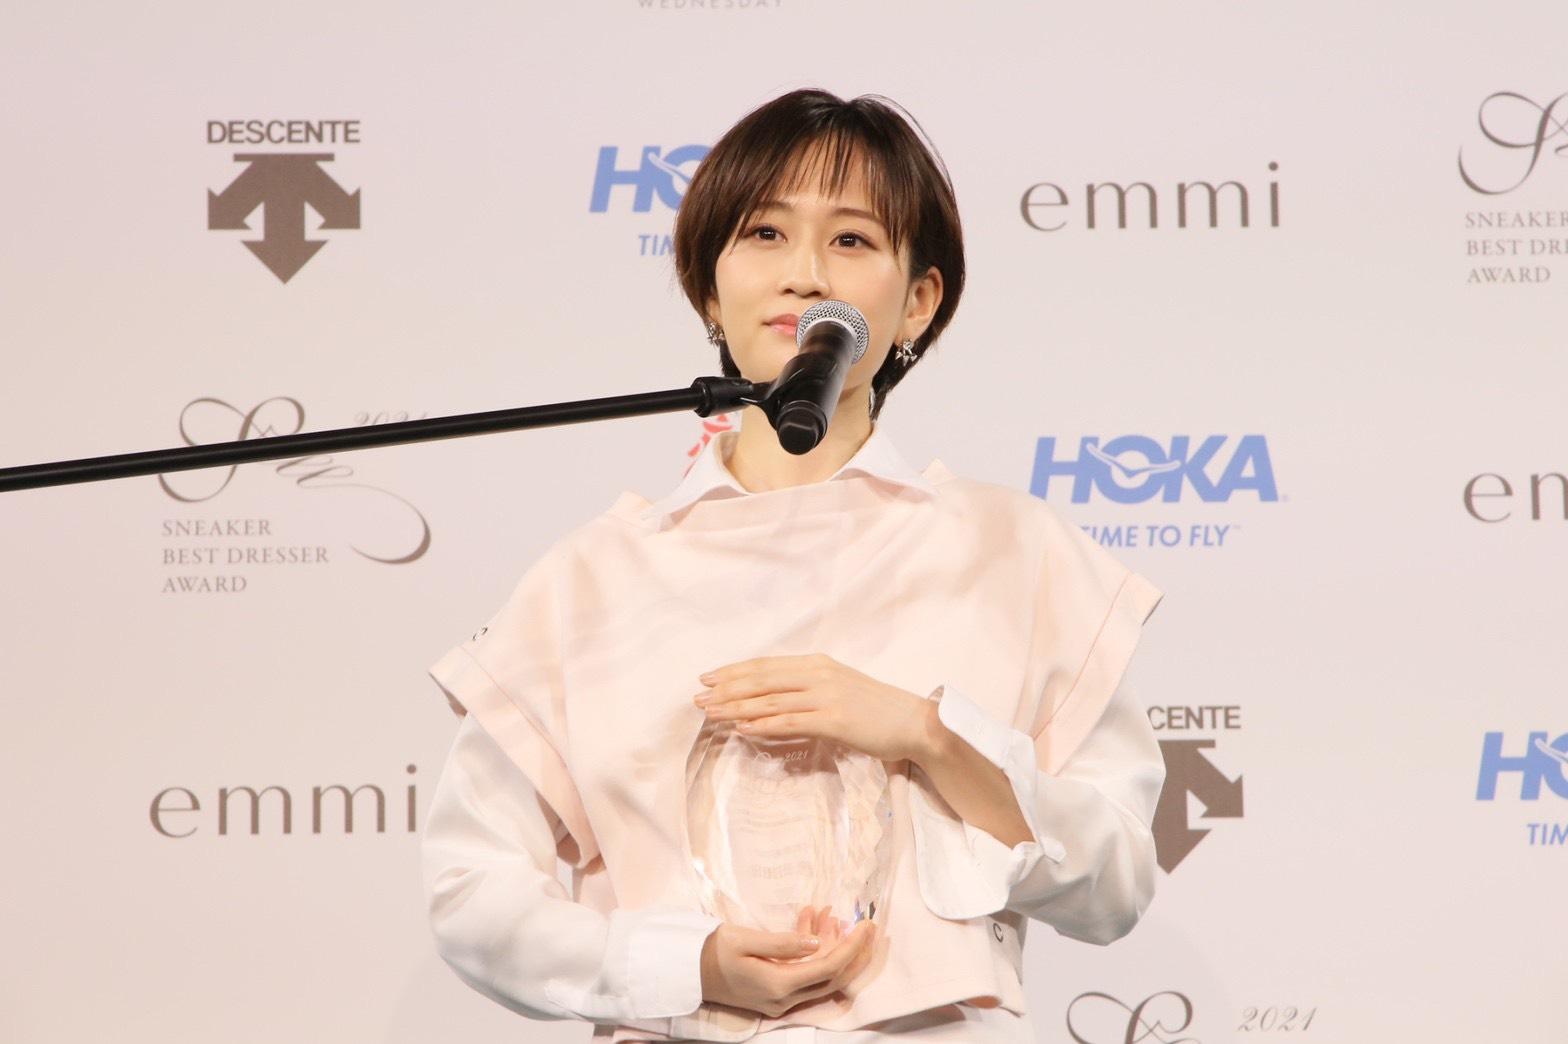 前田敦子/スニーカーベストドレッサー賞 2021 受賞